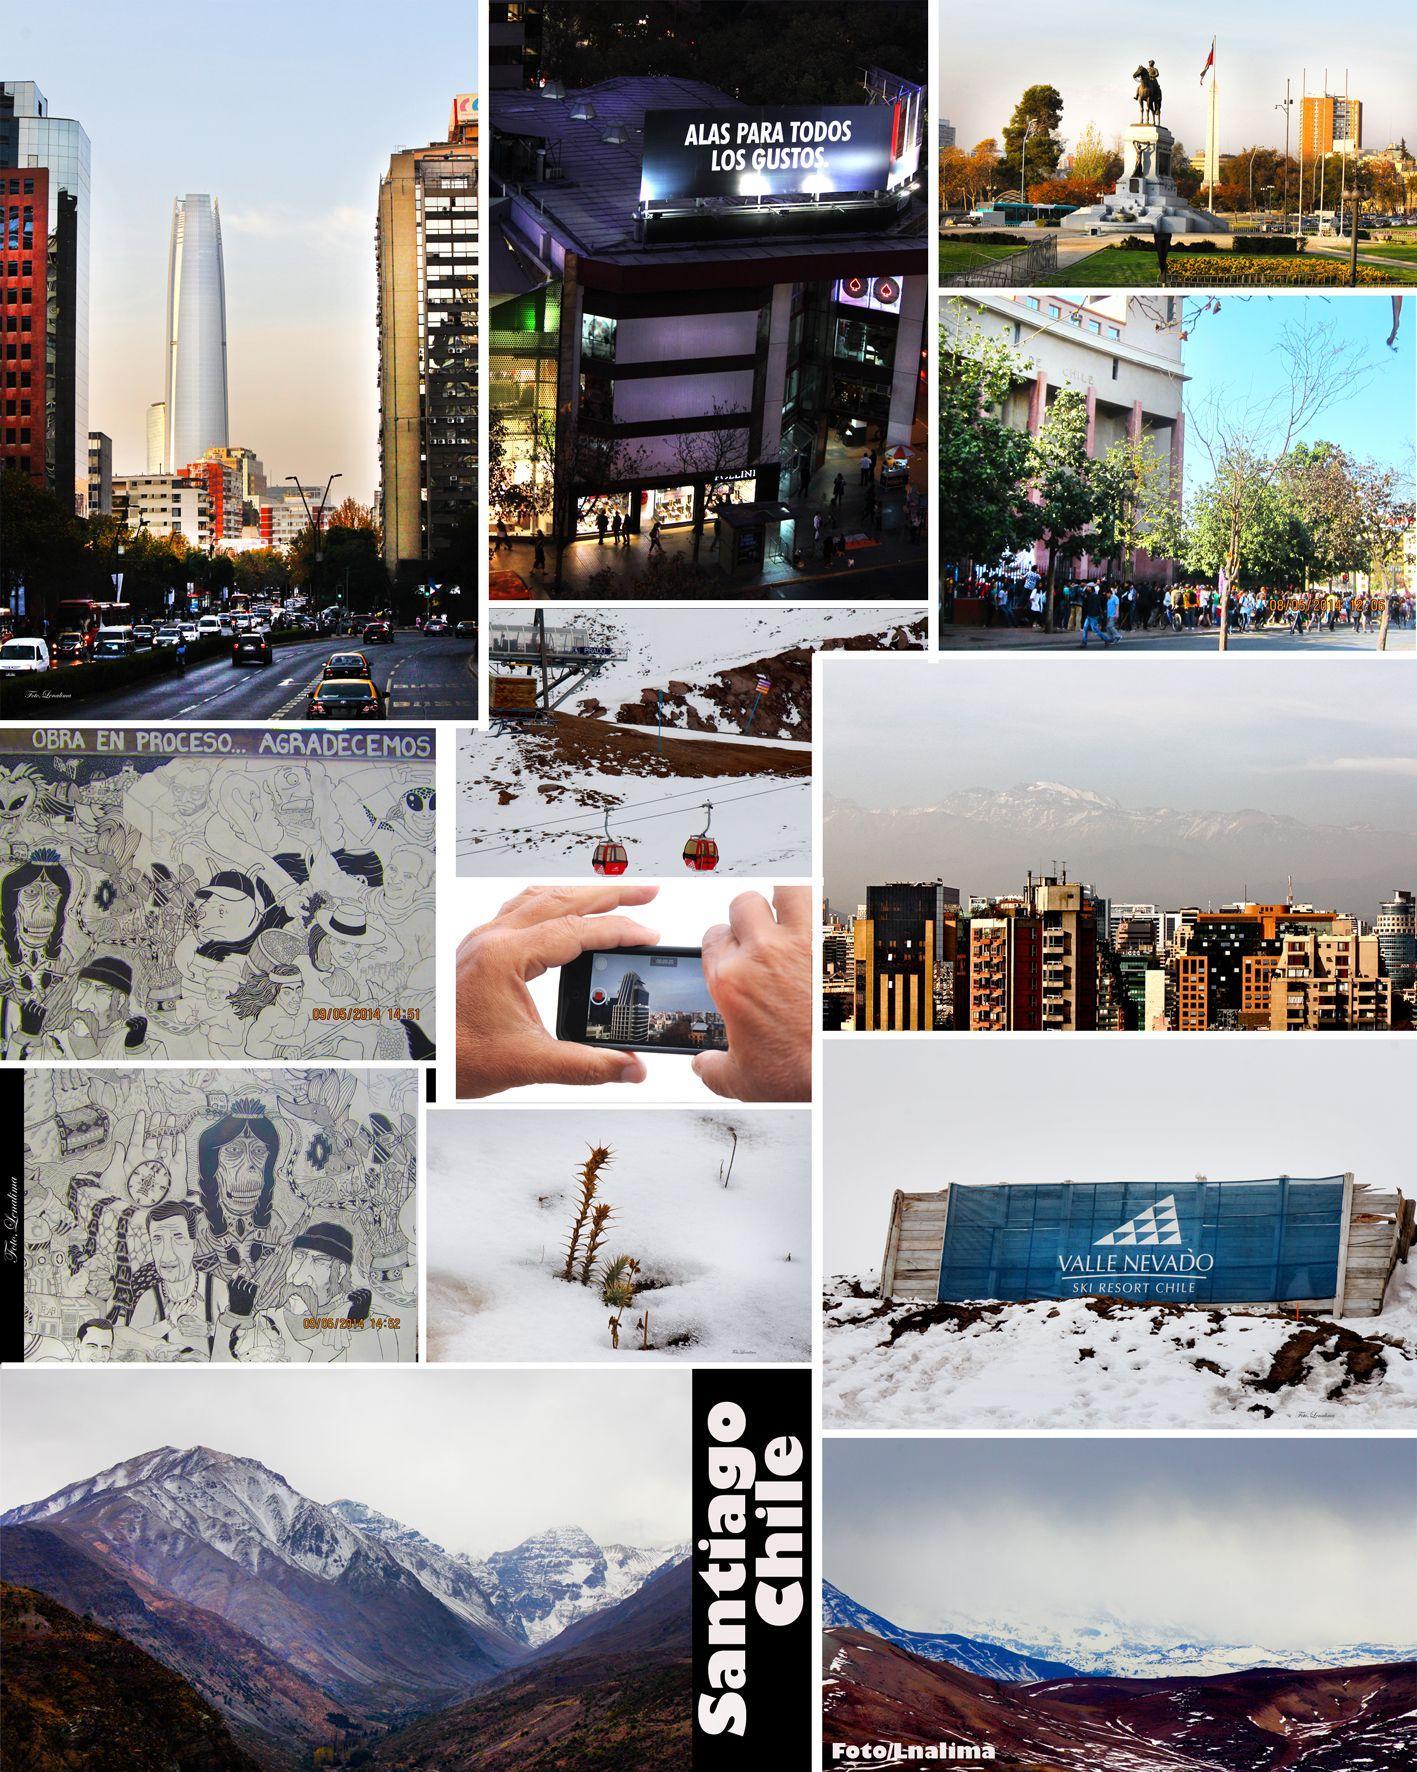 Partes de Santiago Chile/Santiago /Lenalima,fotografa em Belo Horizonte.WWW.LENALIMA.FOT.BR